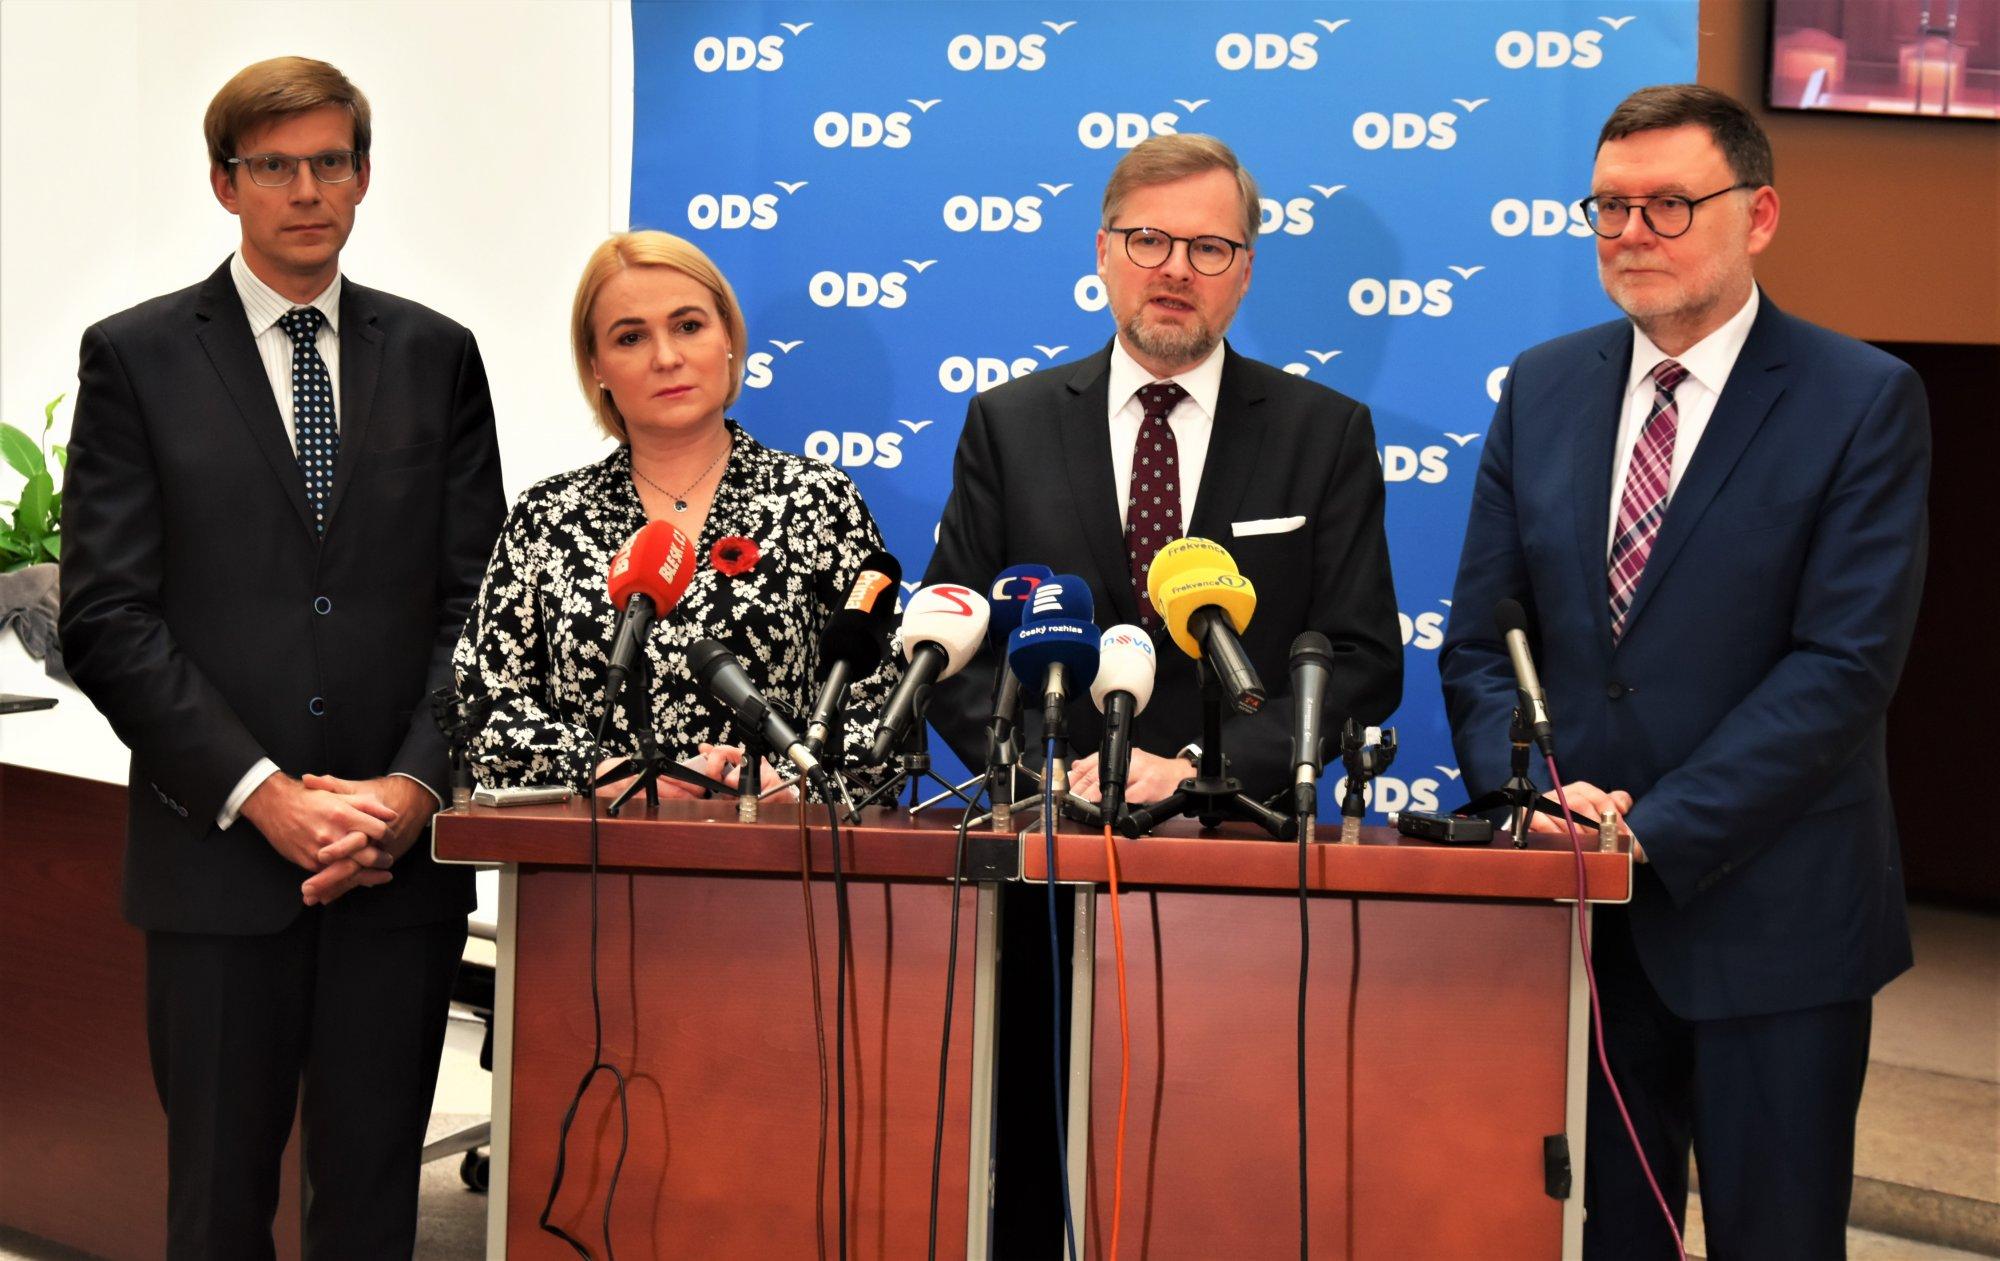 ODS přichází s Deklarací za zachování bezpečné a obranyschopné ČR